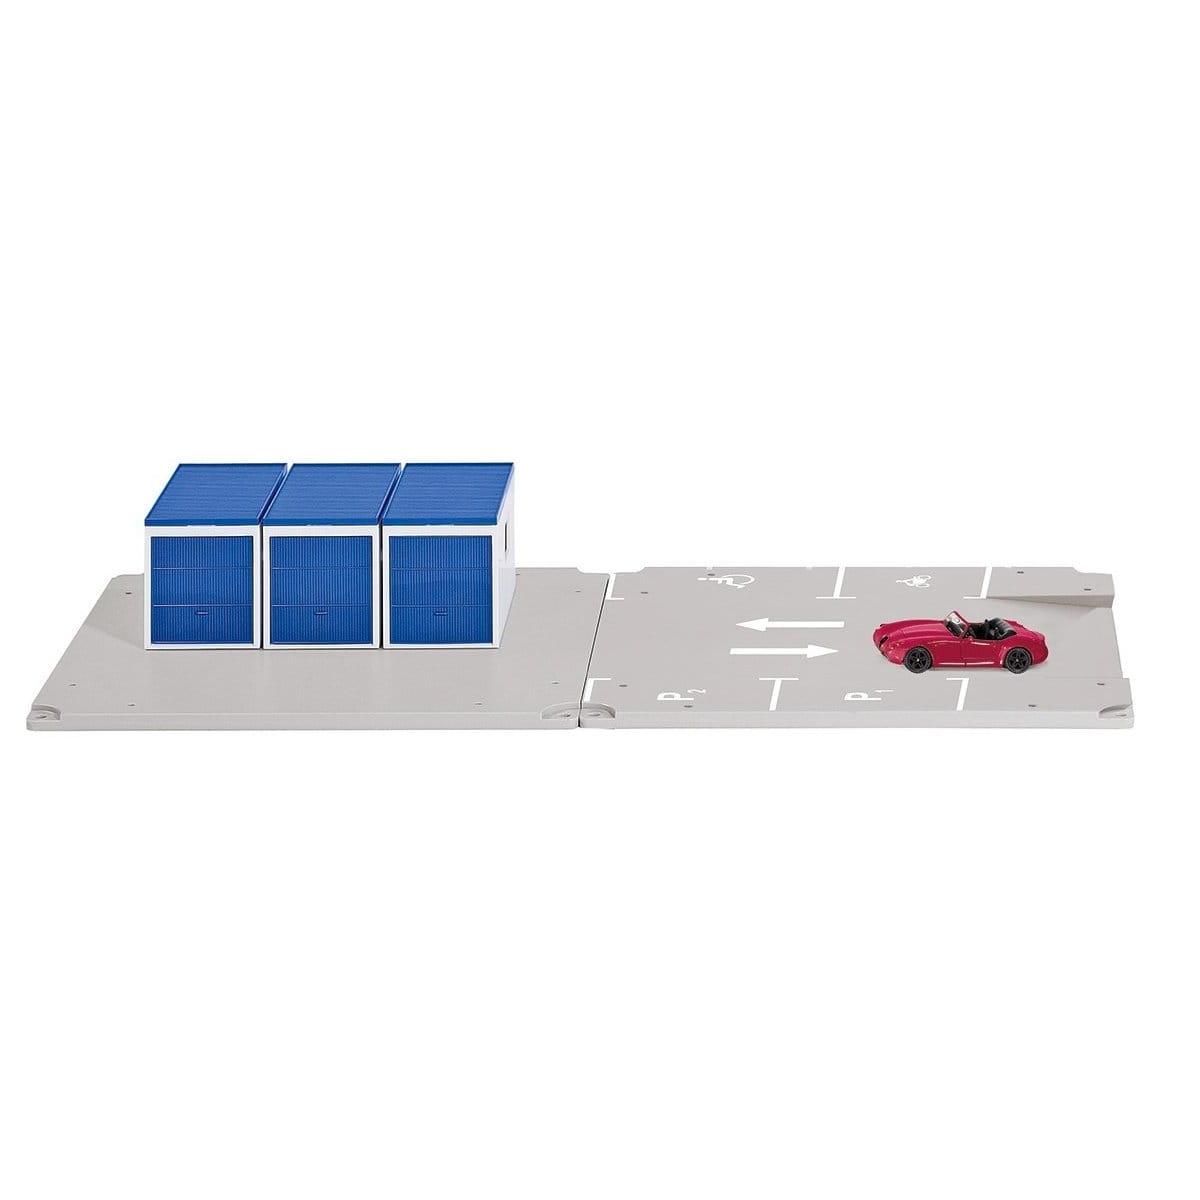 Игровой набор SIKU Гараж и стоянка для автомобиля